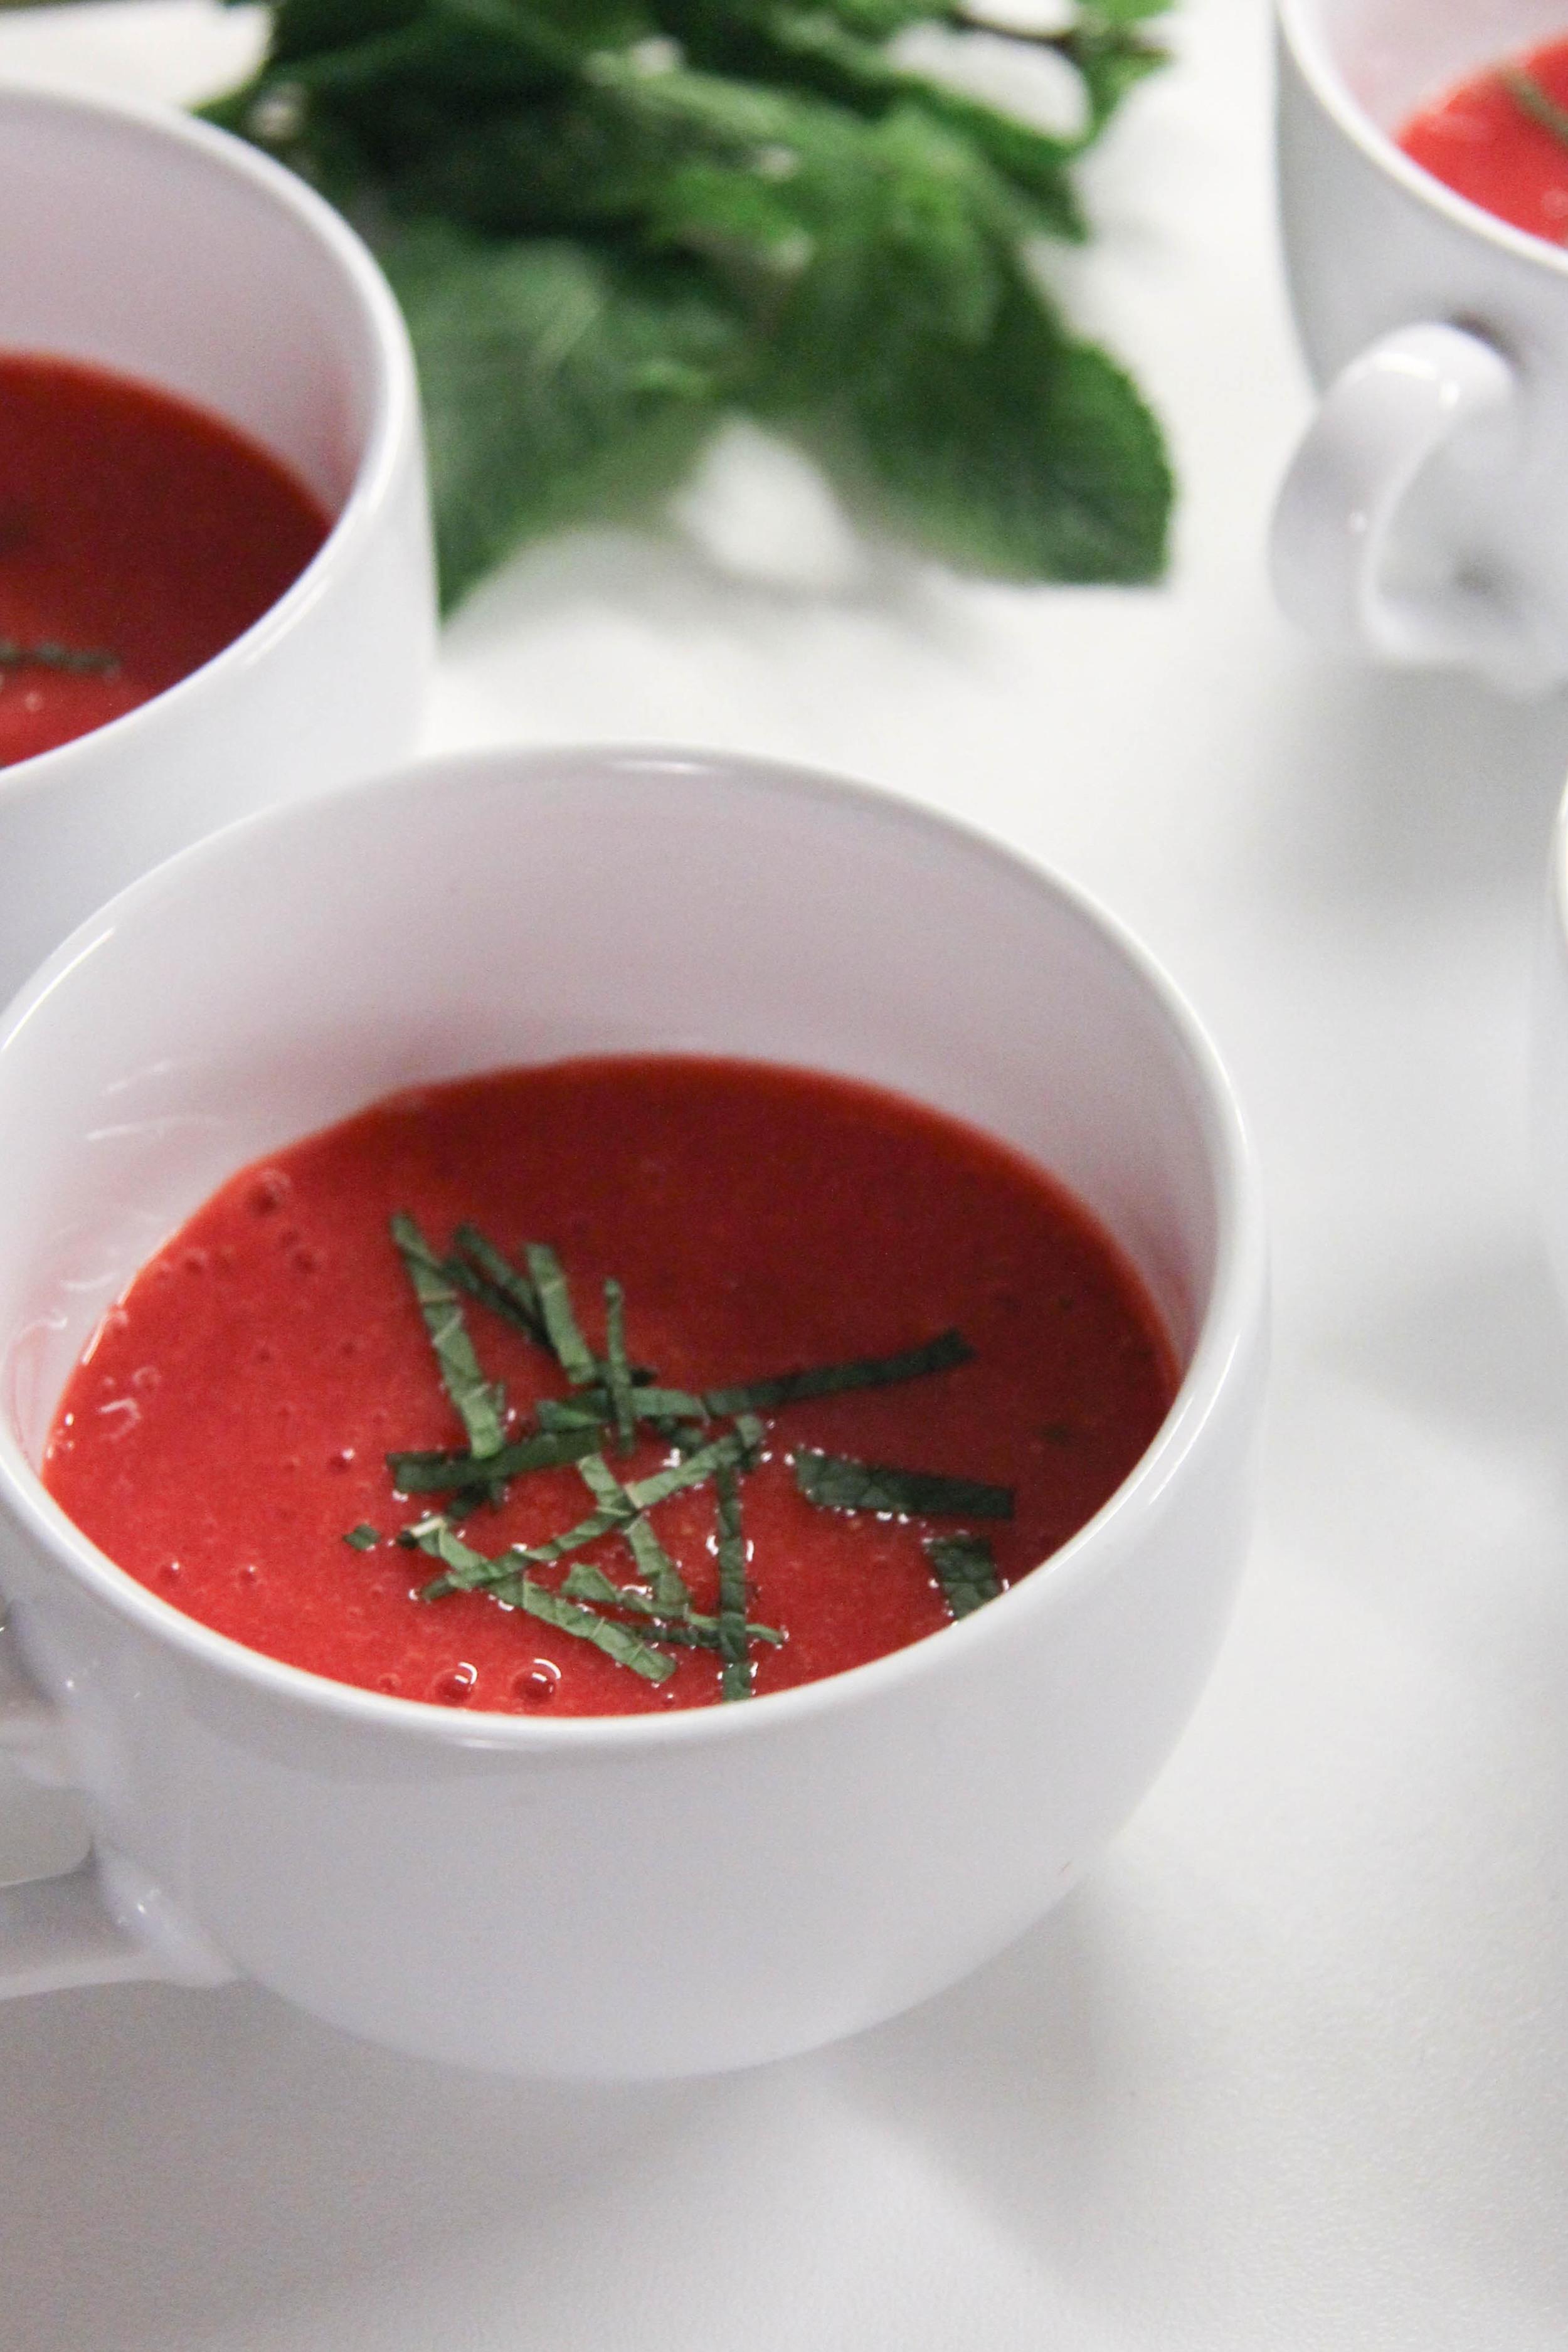 Soupe de fraises à la menthe - www.theflyingflour.com